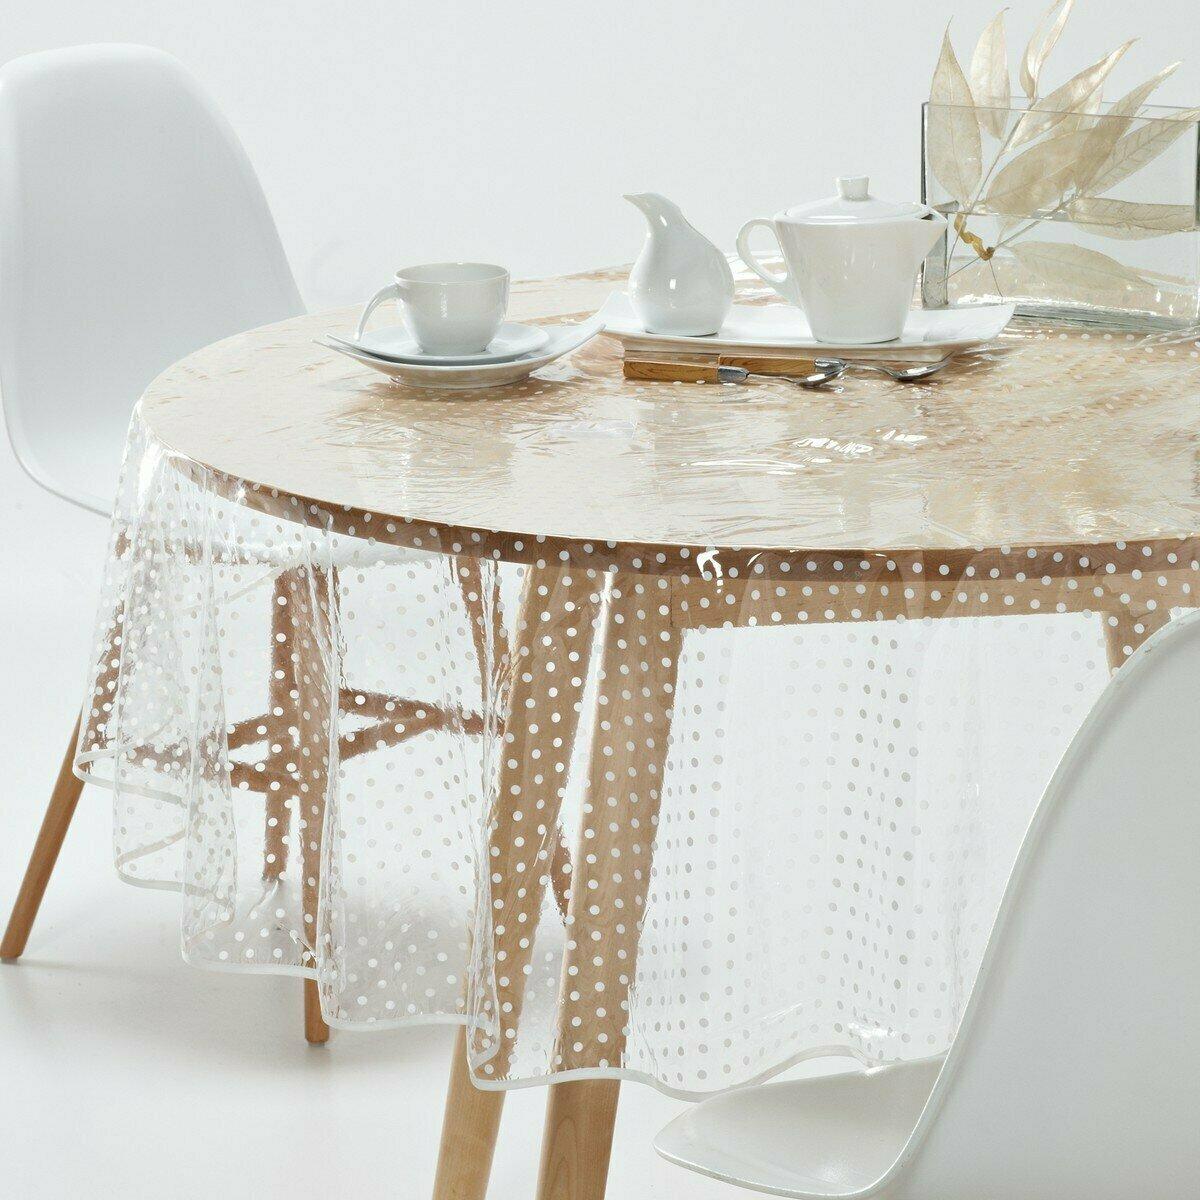 силиконовая скатерть на круглый стол